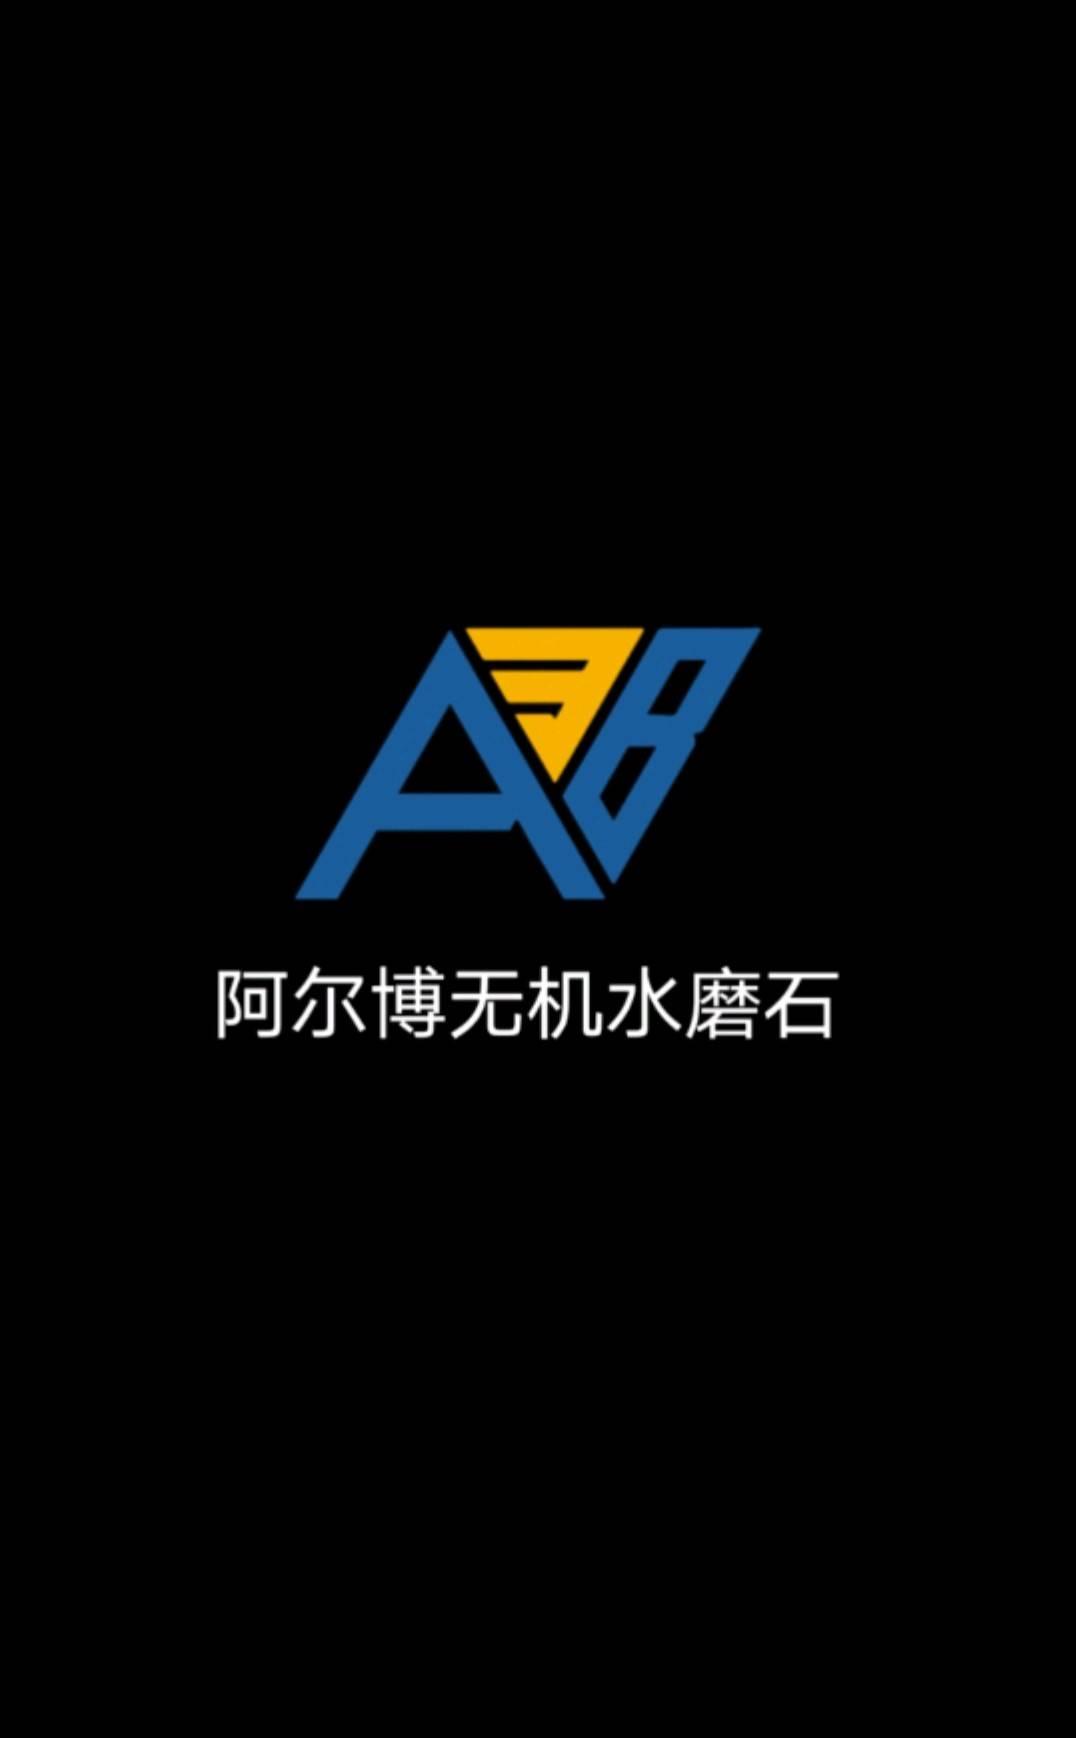 云浮市阿尔博水磨石有限公司